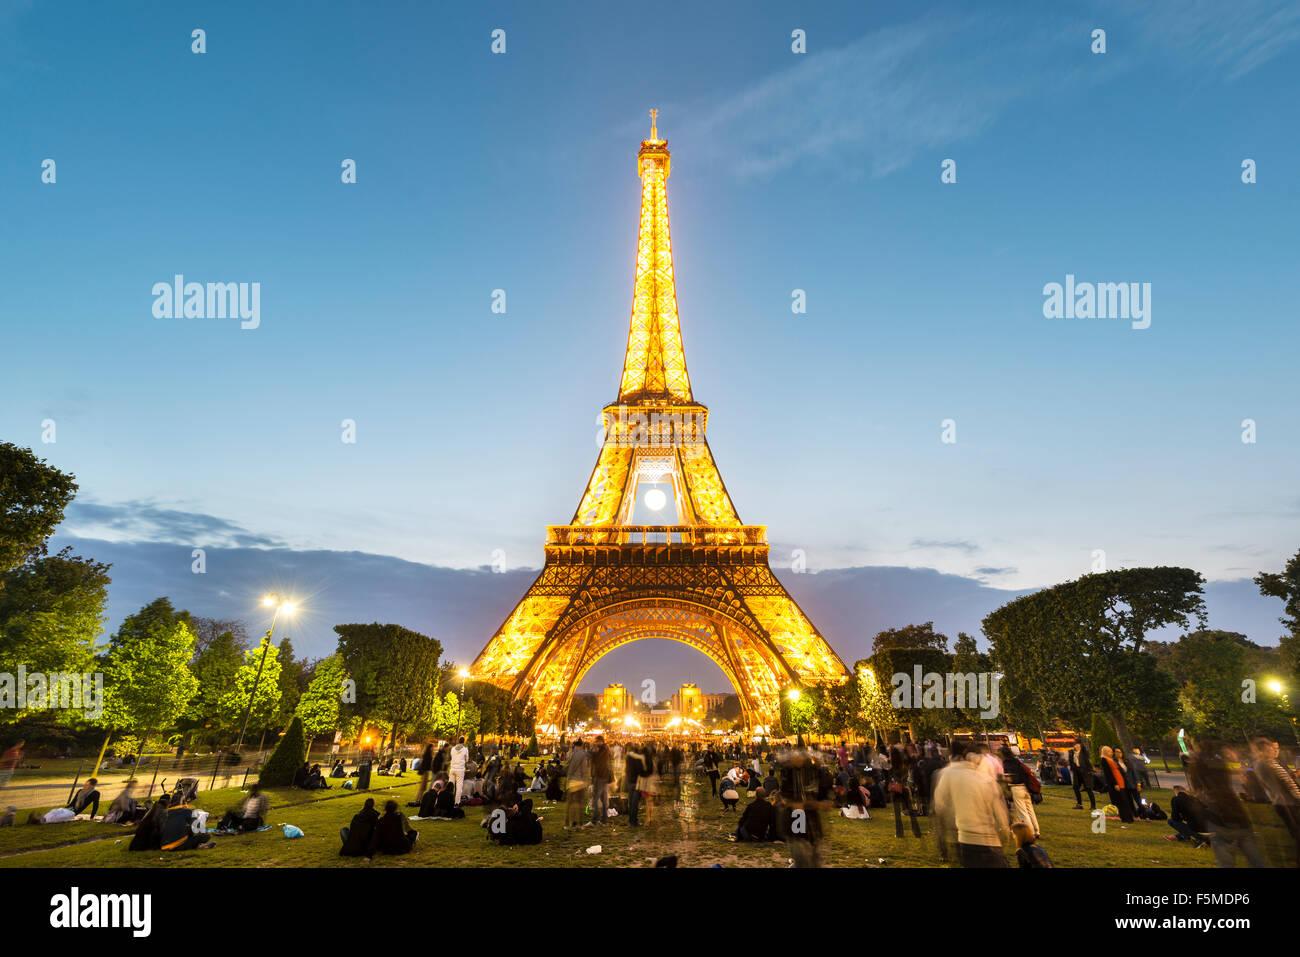 Beleuchteten Eiffelturm in der Abenddämmerung, tour Eiffel, Champ de Mars, Paris, Ile de France, Frankreich Stockbild